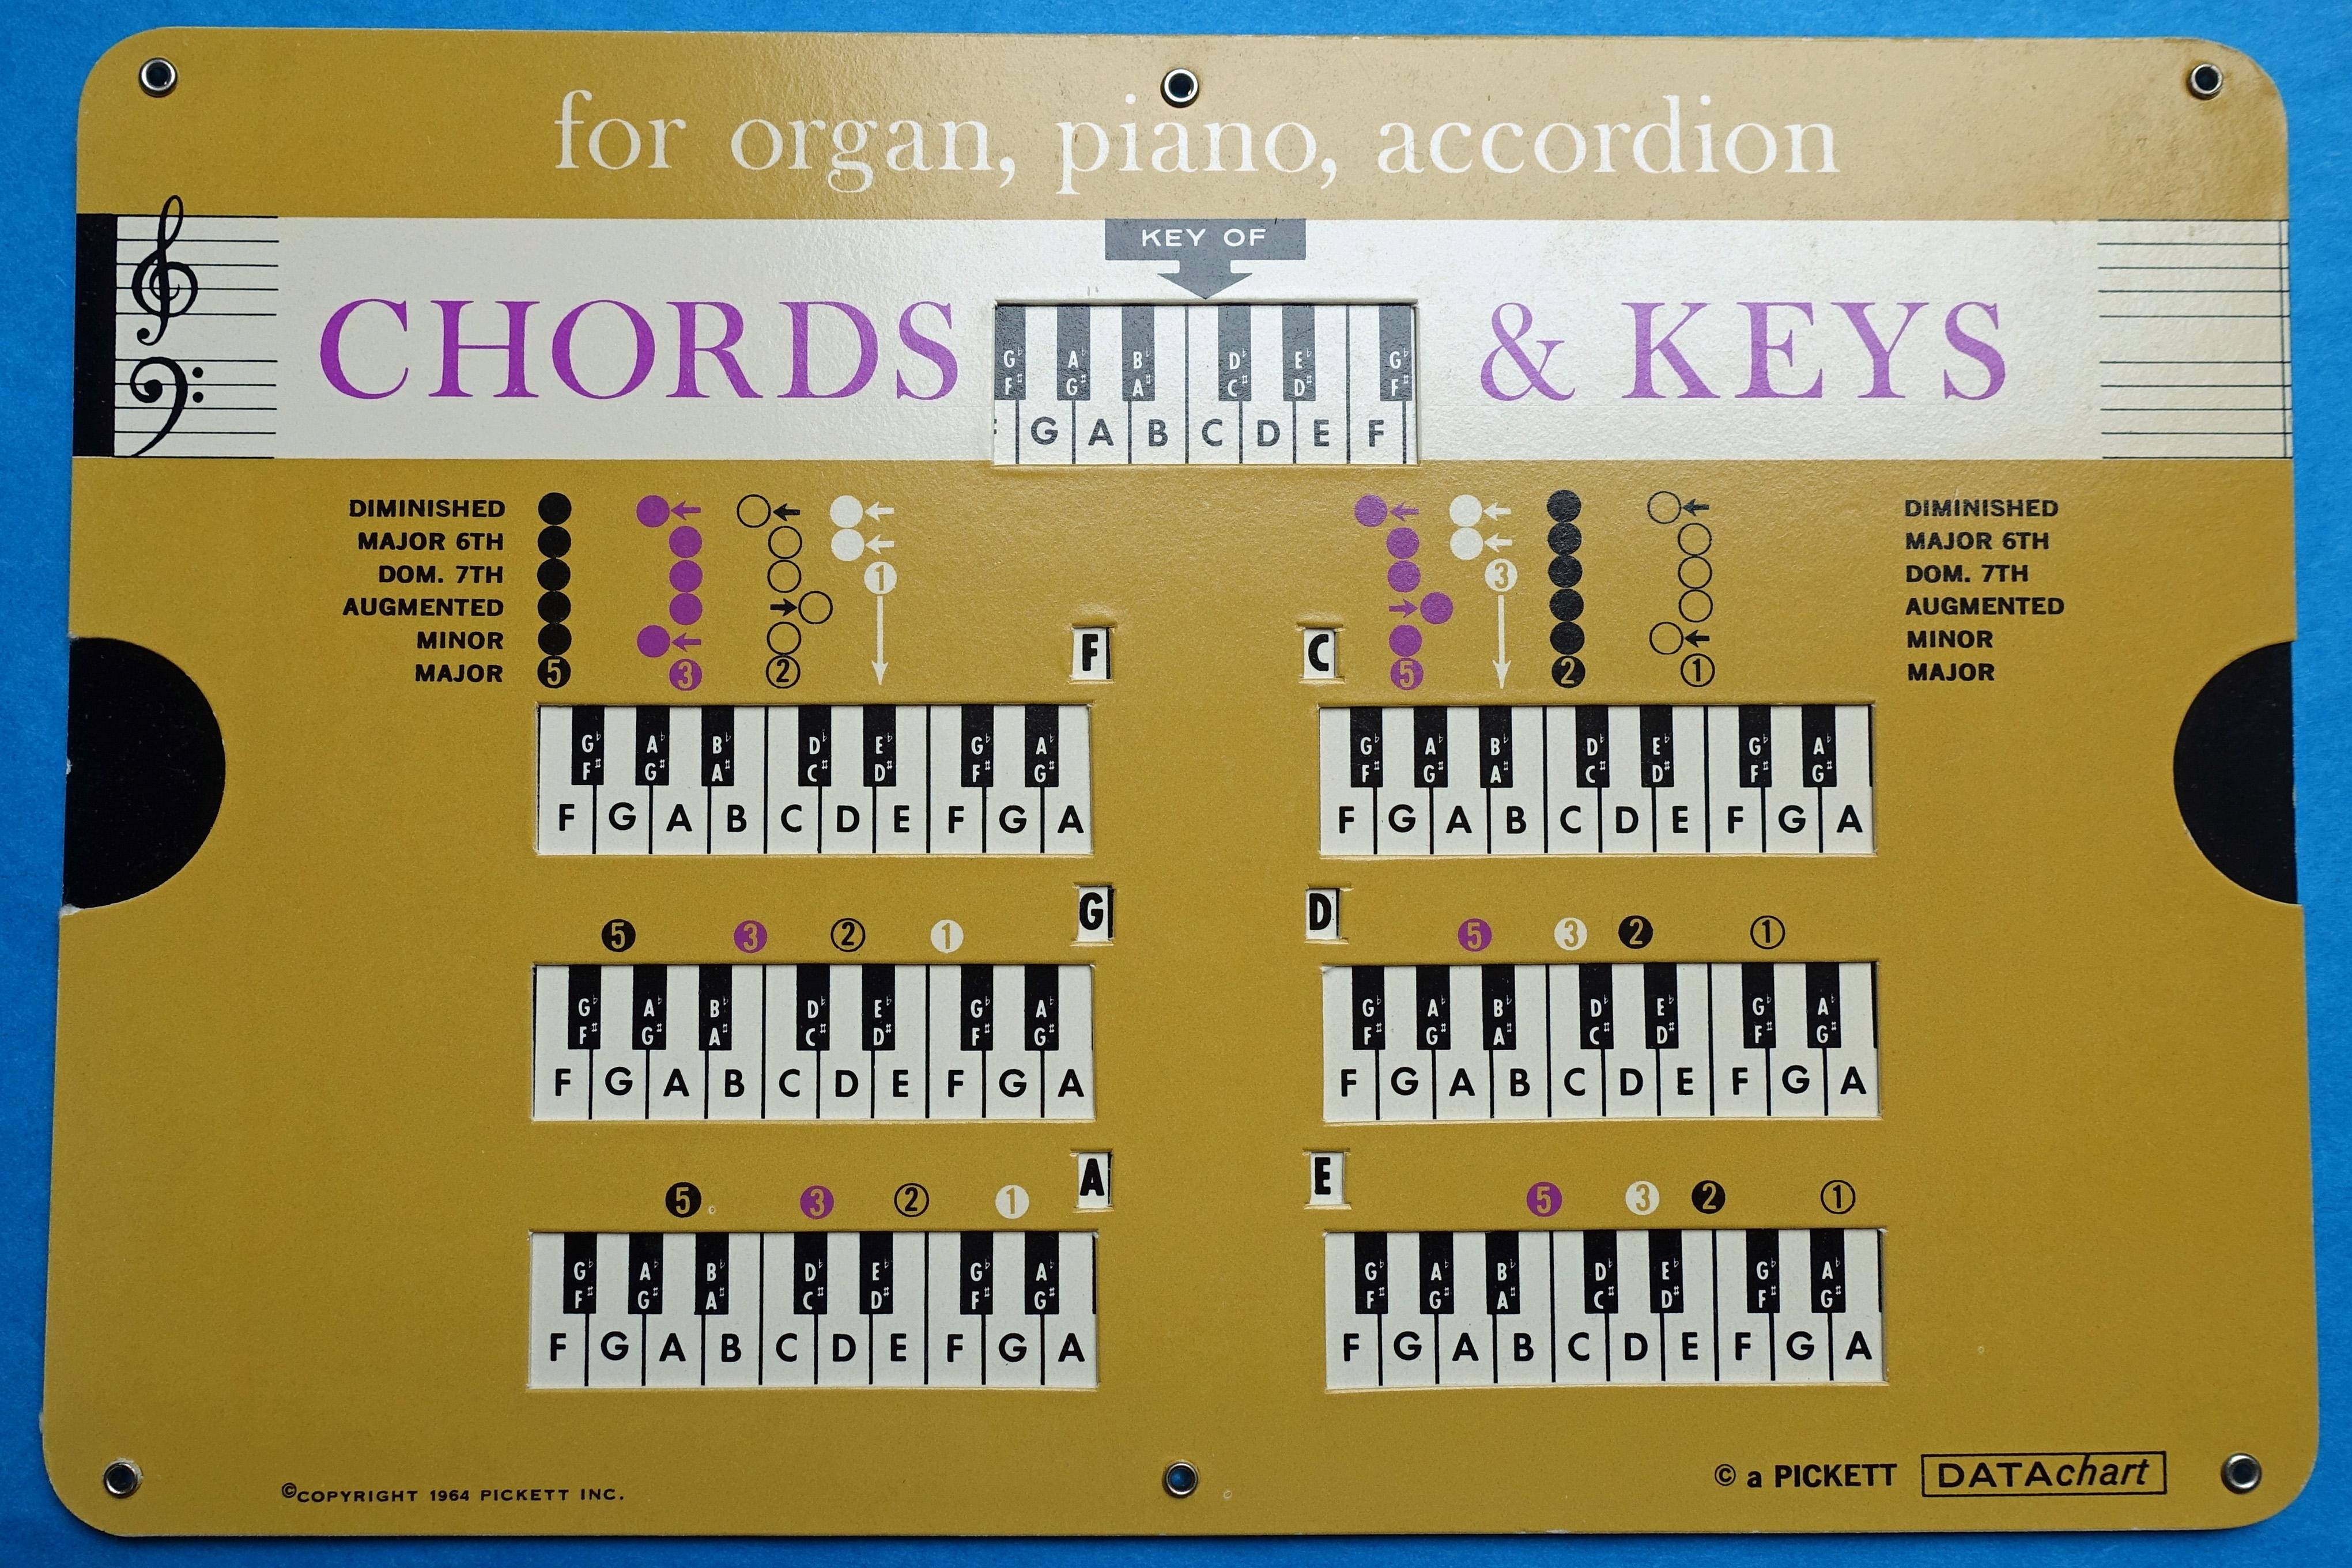 Pickett & Eckel Chords & Keys Music Composition